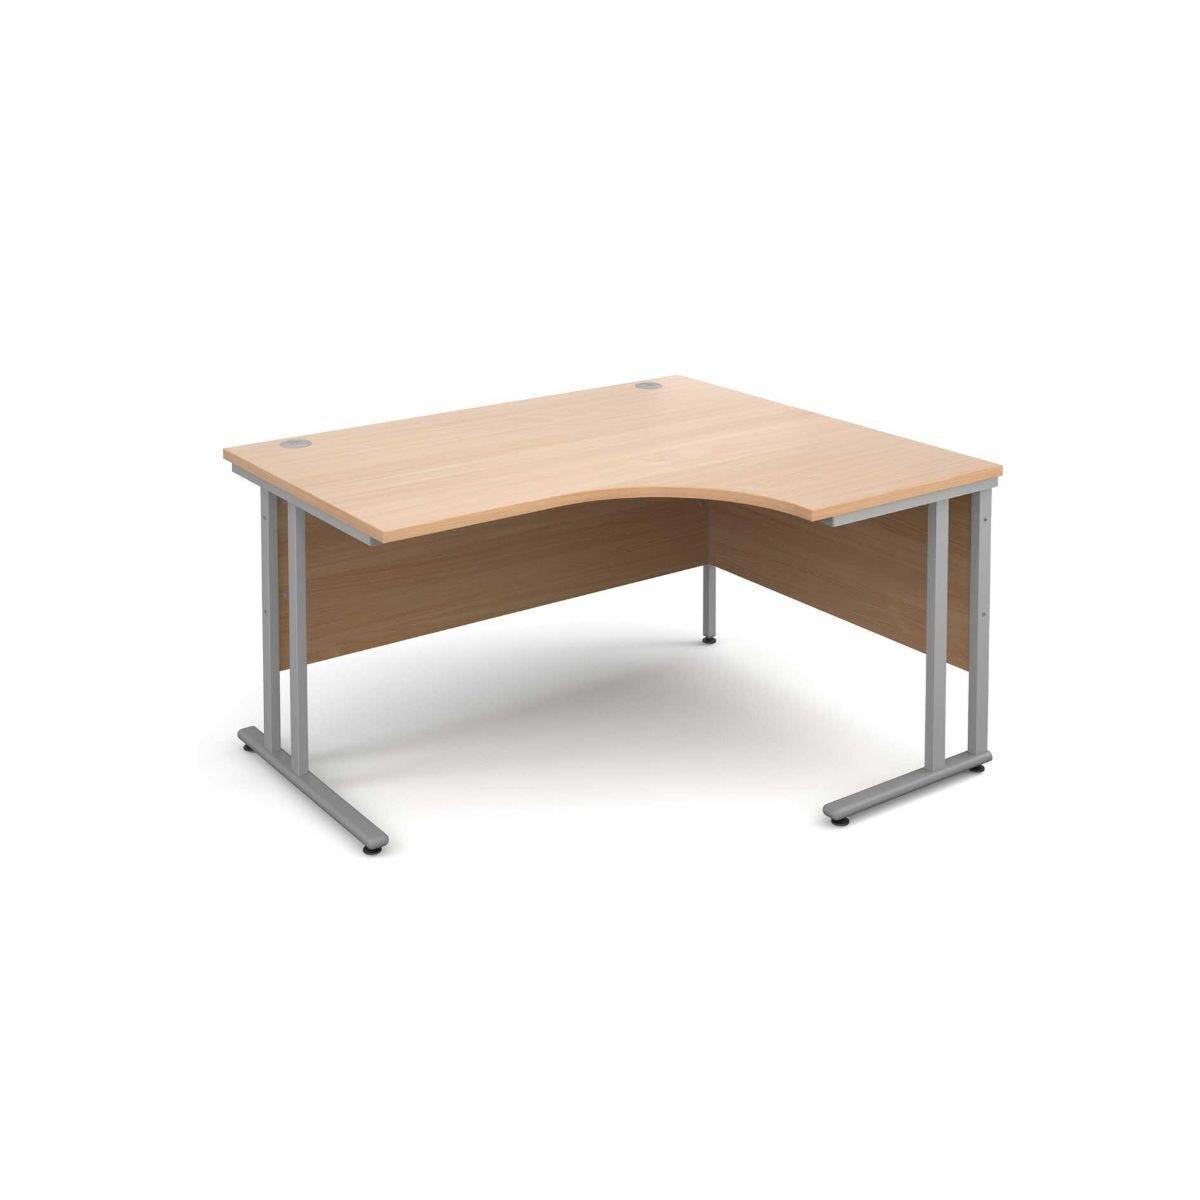 Maestro 25 Right Hand Ergonomic 1400 Desk with Silver Legs